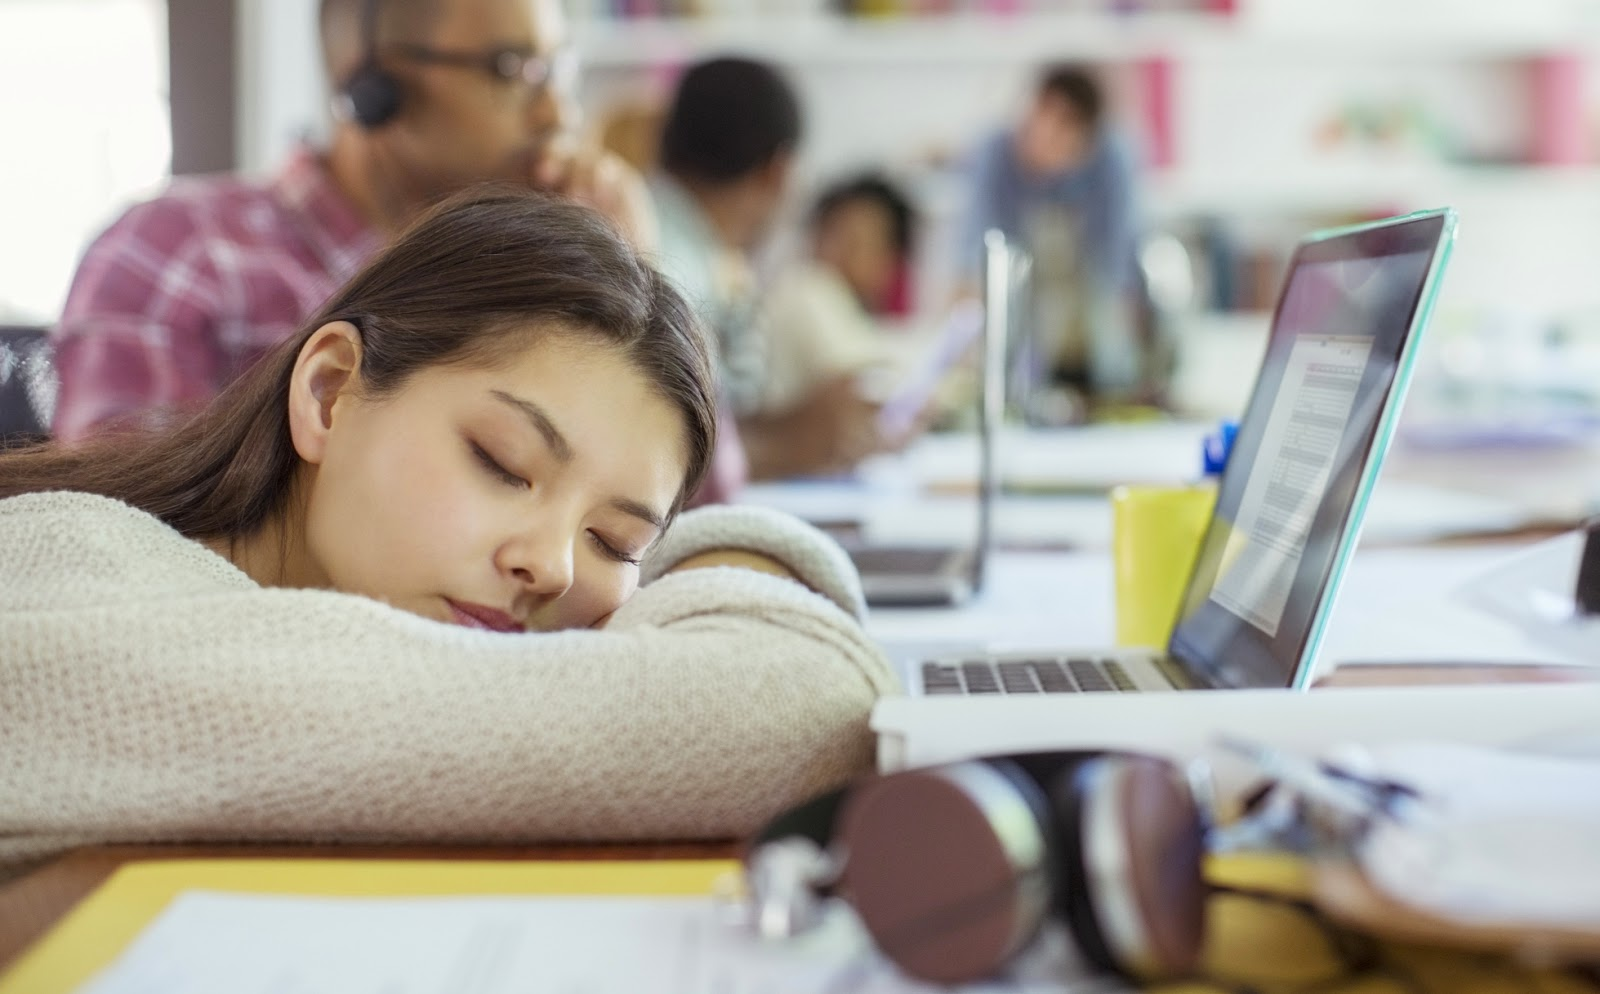 Cara Mengatasi Rasa Ngantuk Saat Bekerja dan Belajar